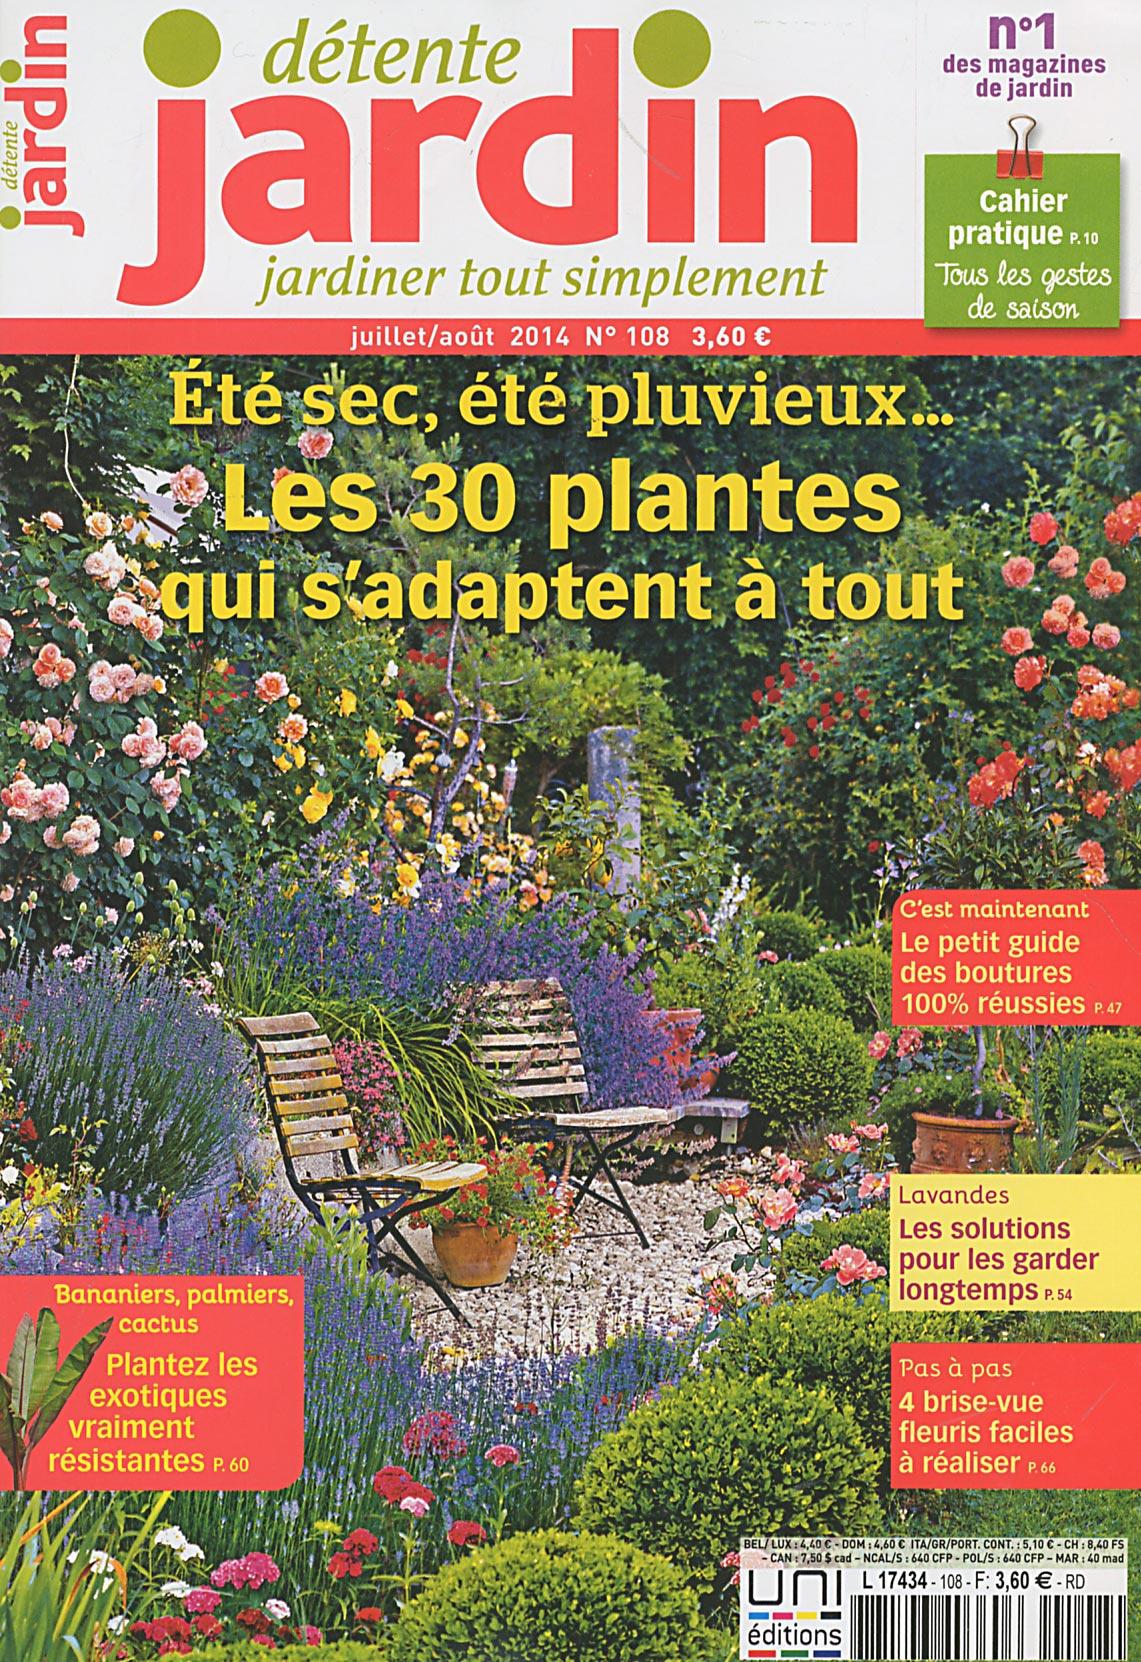 Direct-Éditeurs - * Le Service-Client Des Diffuseurs De Presse * pour Détente Jardin Magazine